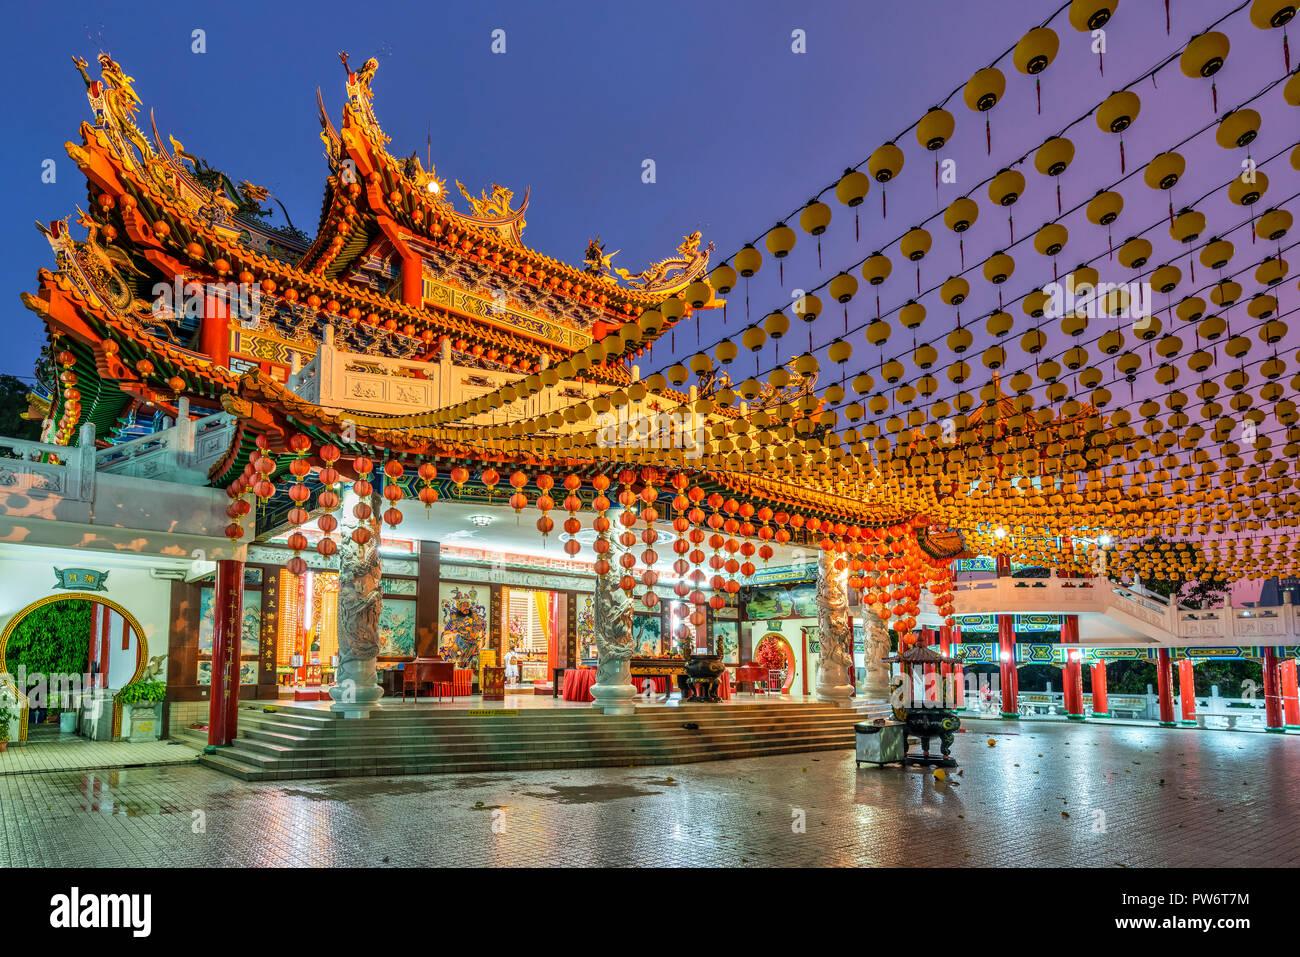 Thean Hou Temple, Kuala Lumpur, Malaysia Stock Photo